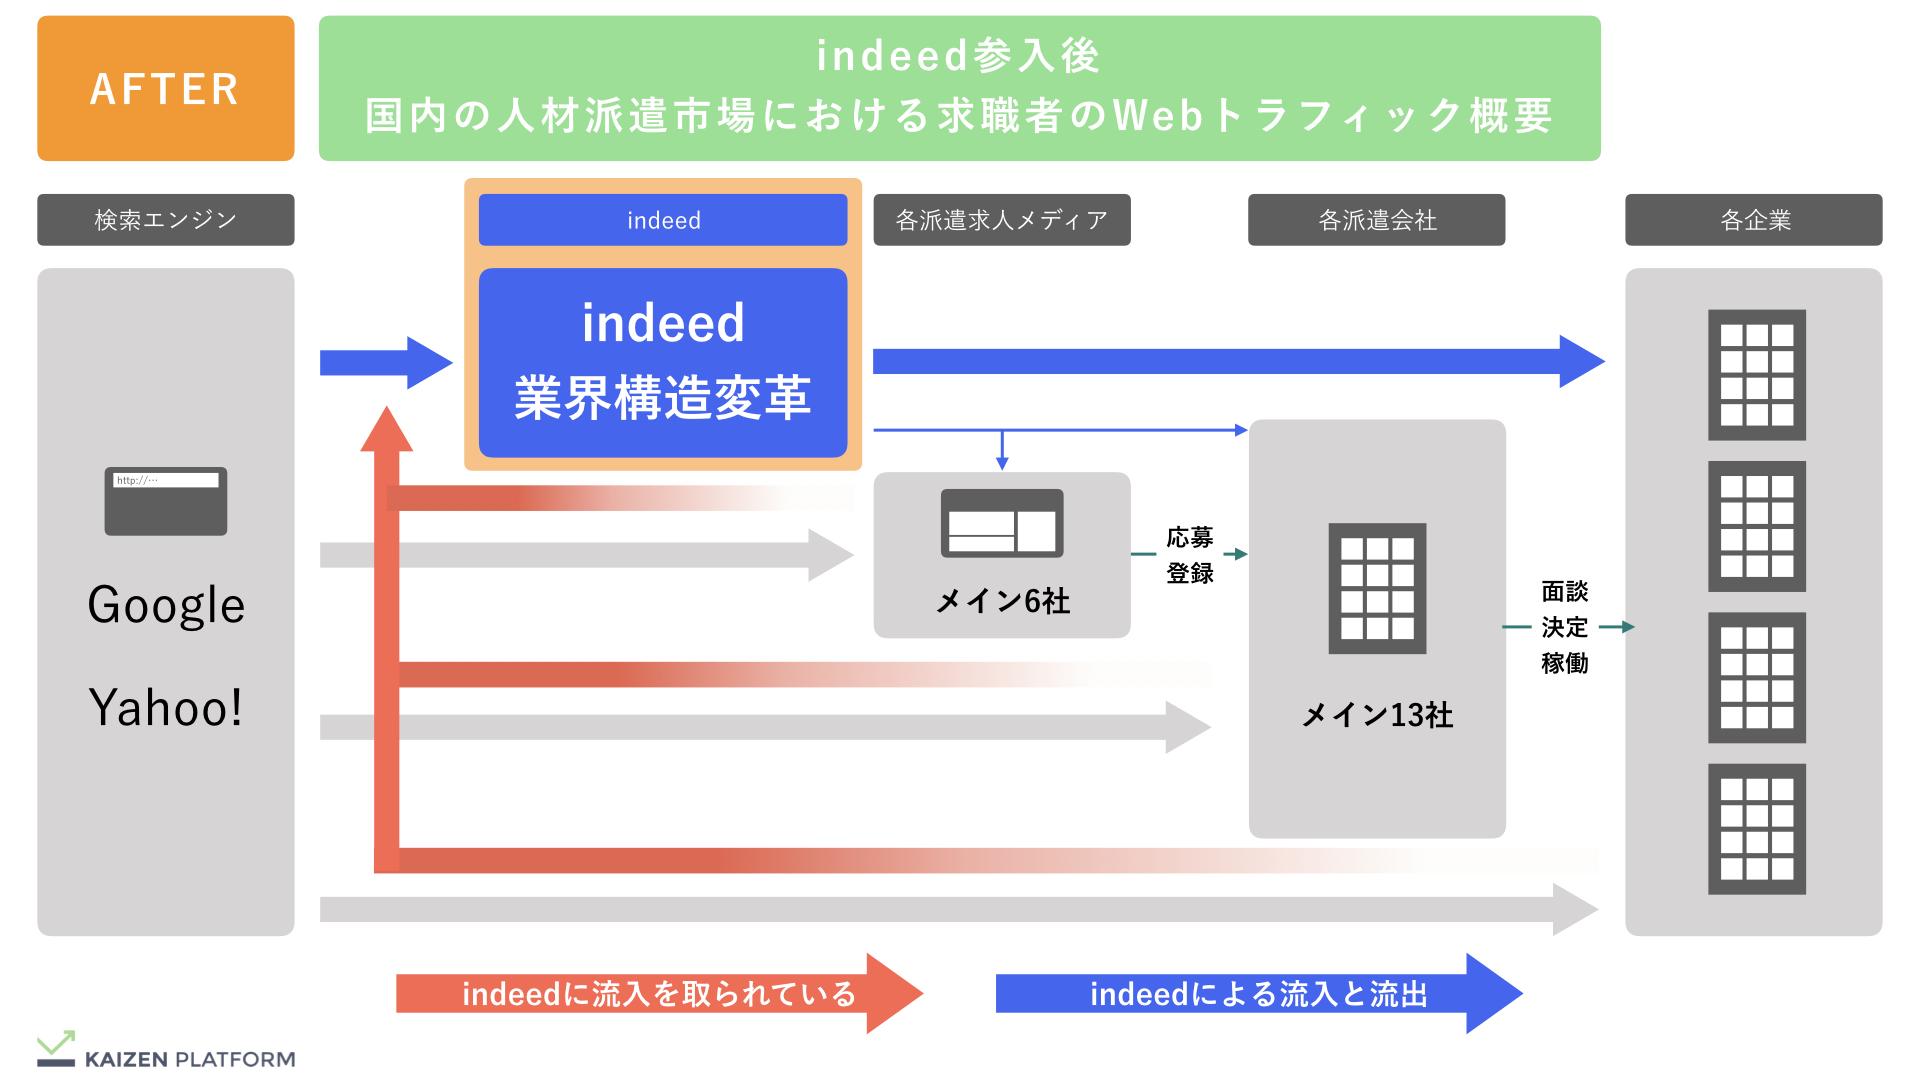 Kaizen Platform indeed参入後の人材派遣市場概況